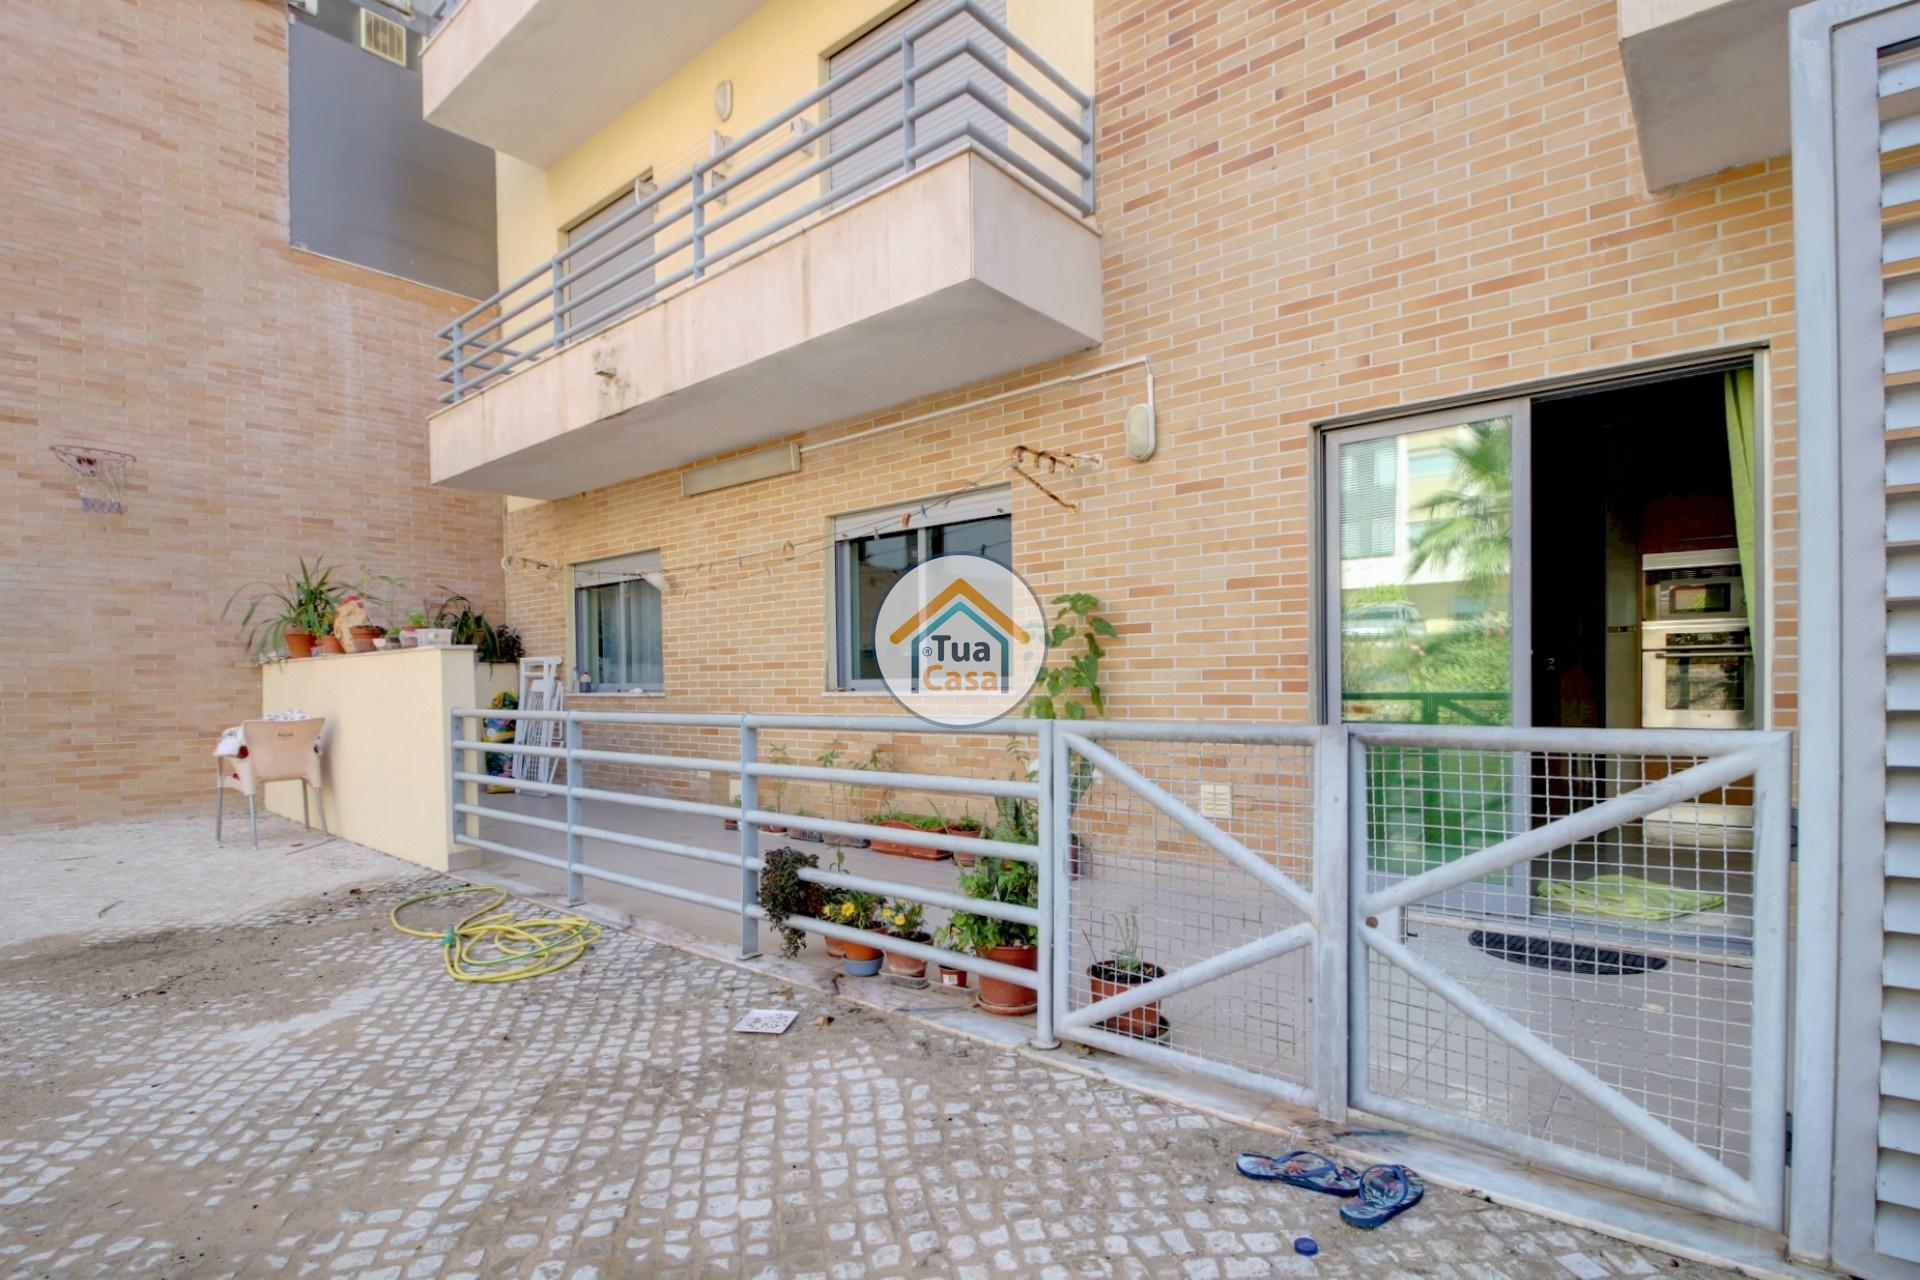 apartamento-quinta-joao-de-ourem-t2-garagem-estacionamento-rc-varanda-quintal (30)